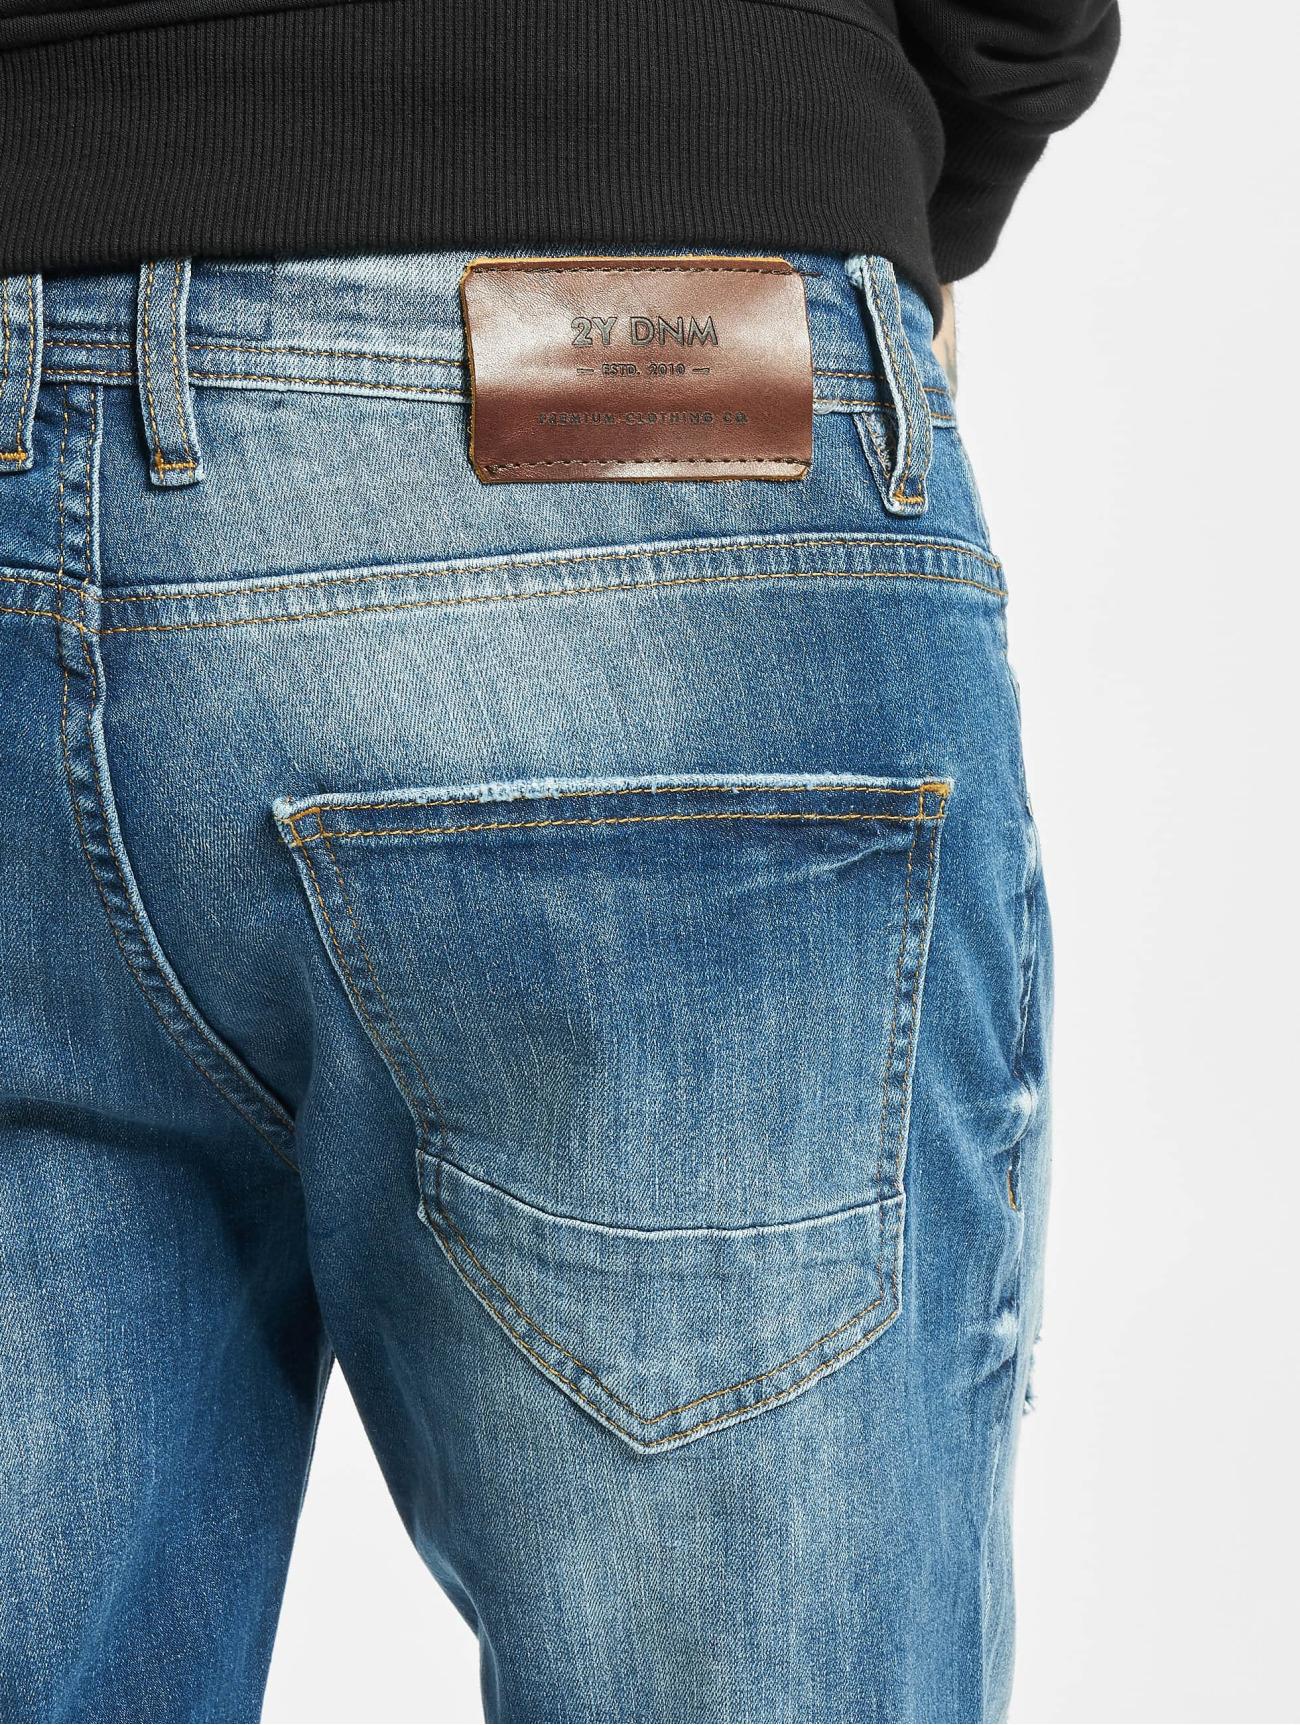 2Y  Okan  bleu Homme Jean slim  726636 Homme Jeans